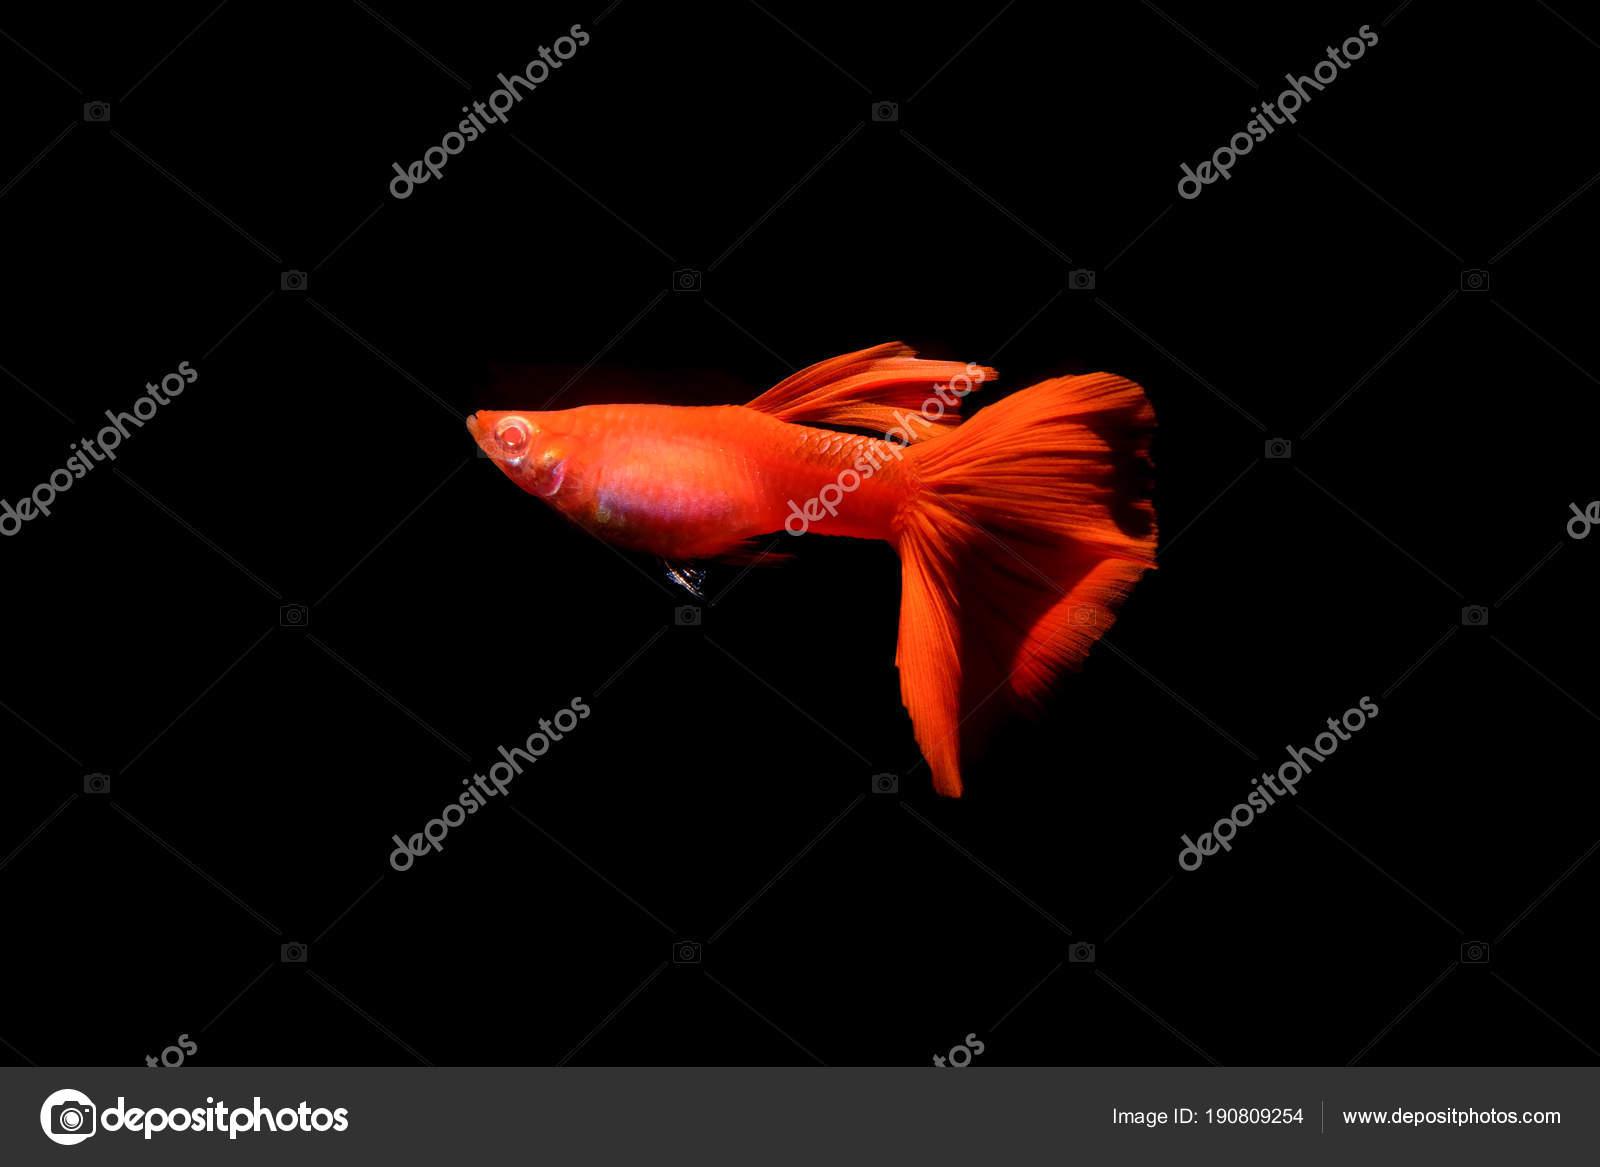 guppy fish in the aquarium — Stock Photo © BuaKaew8899 #190809254